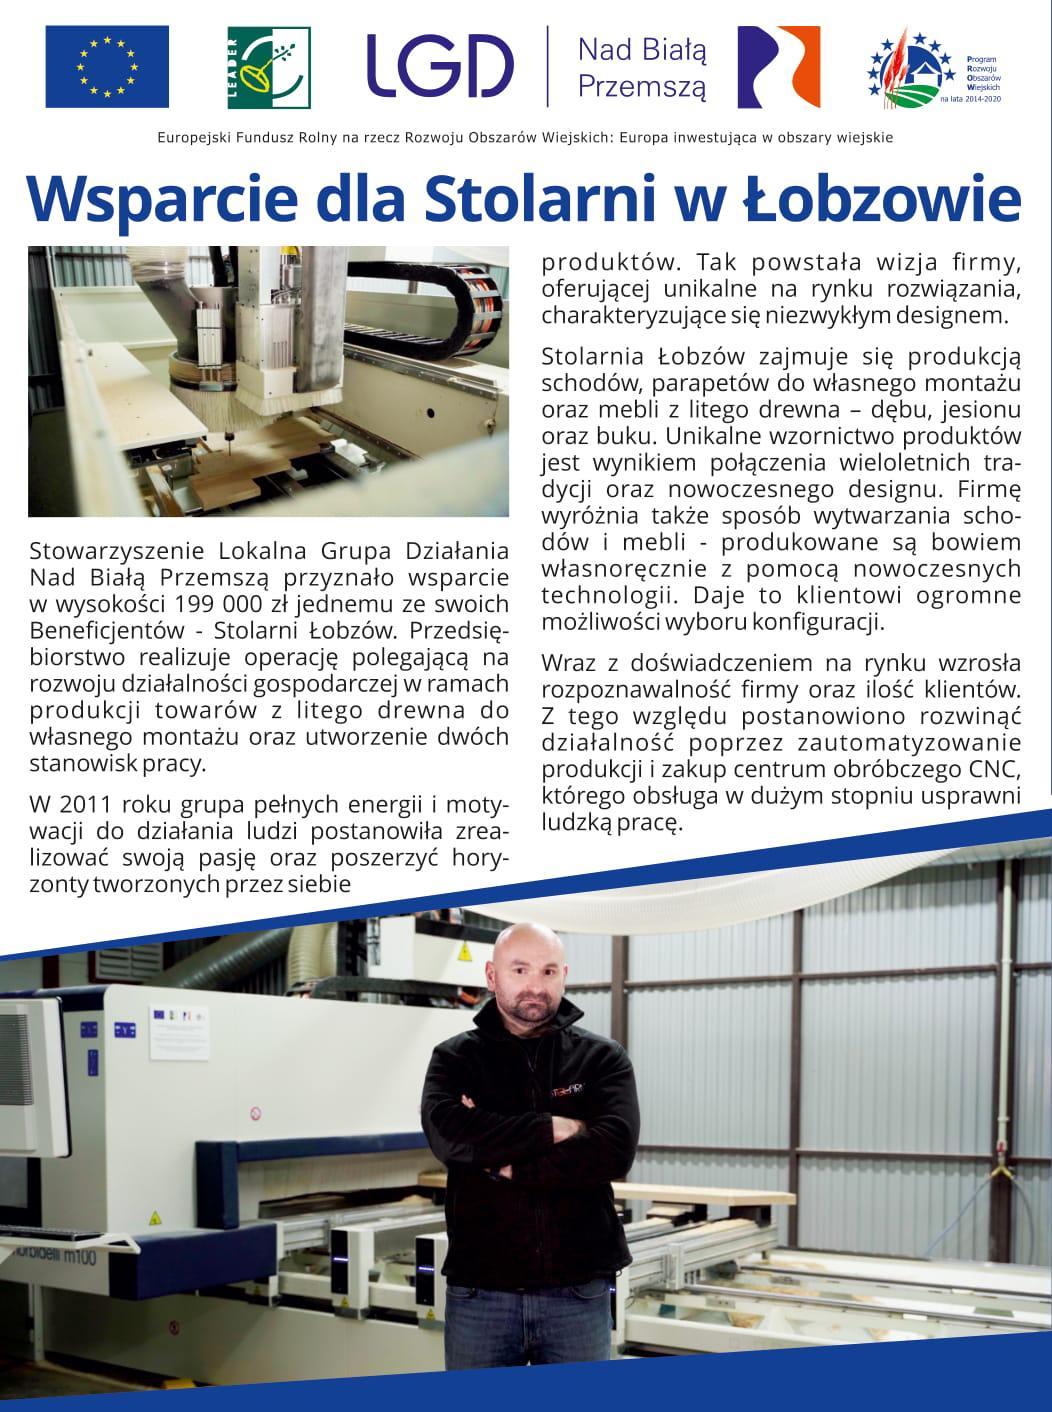 Wsparcie dla stolarni w Łobzowie